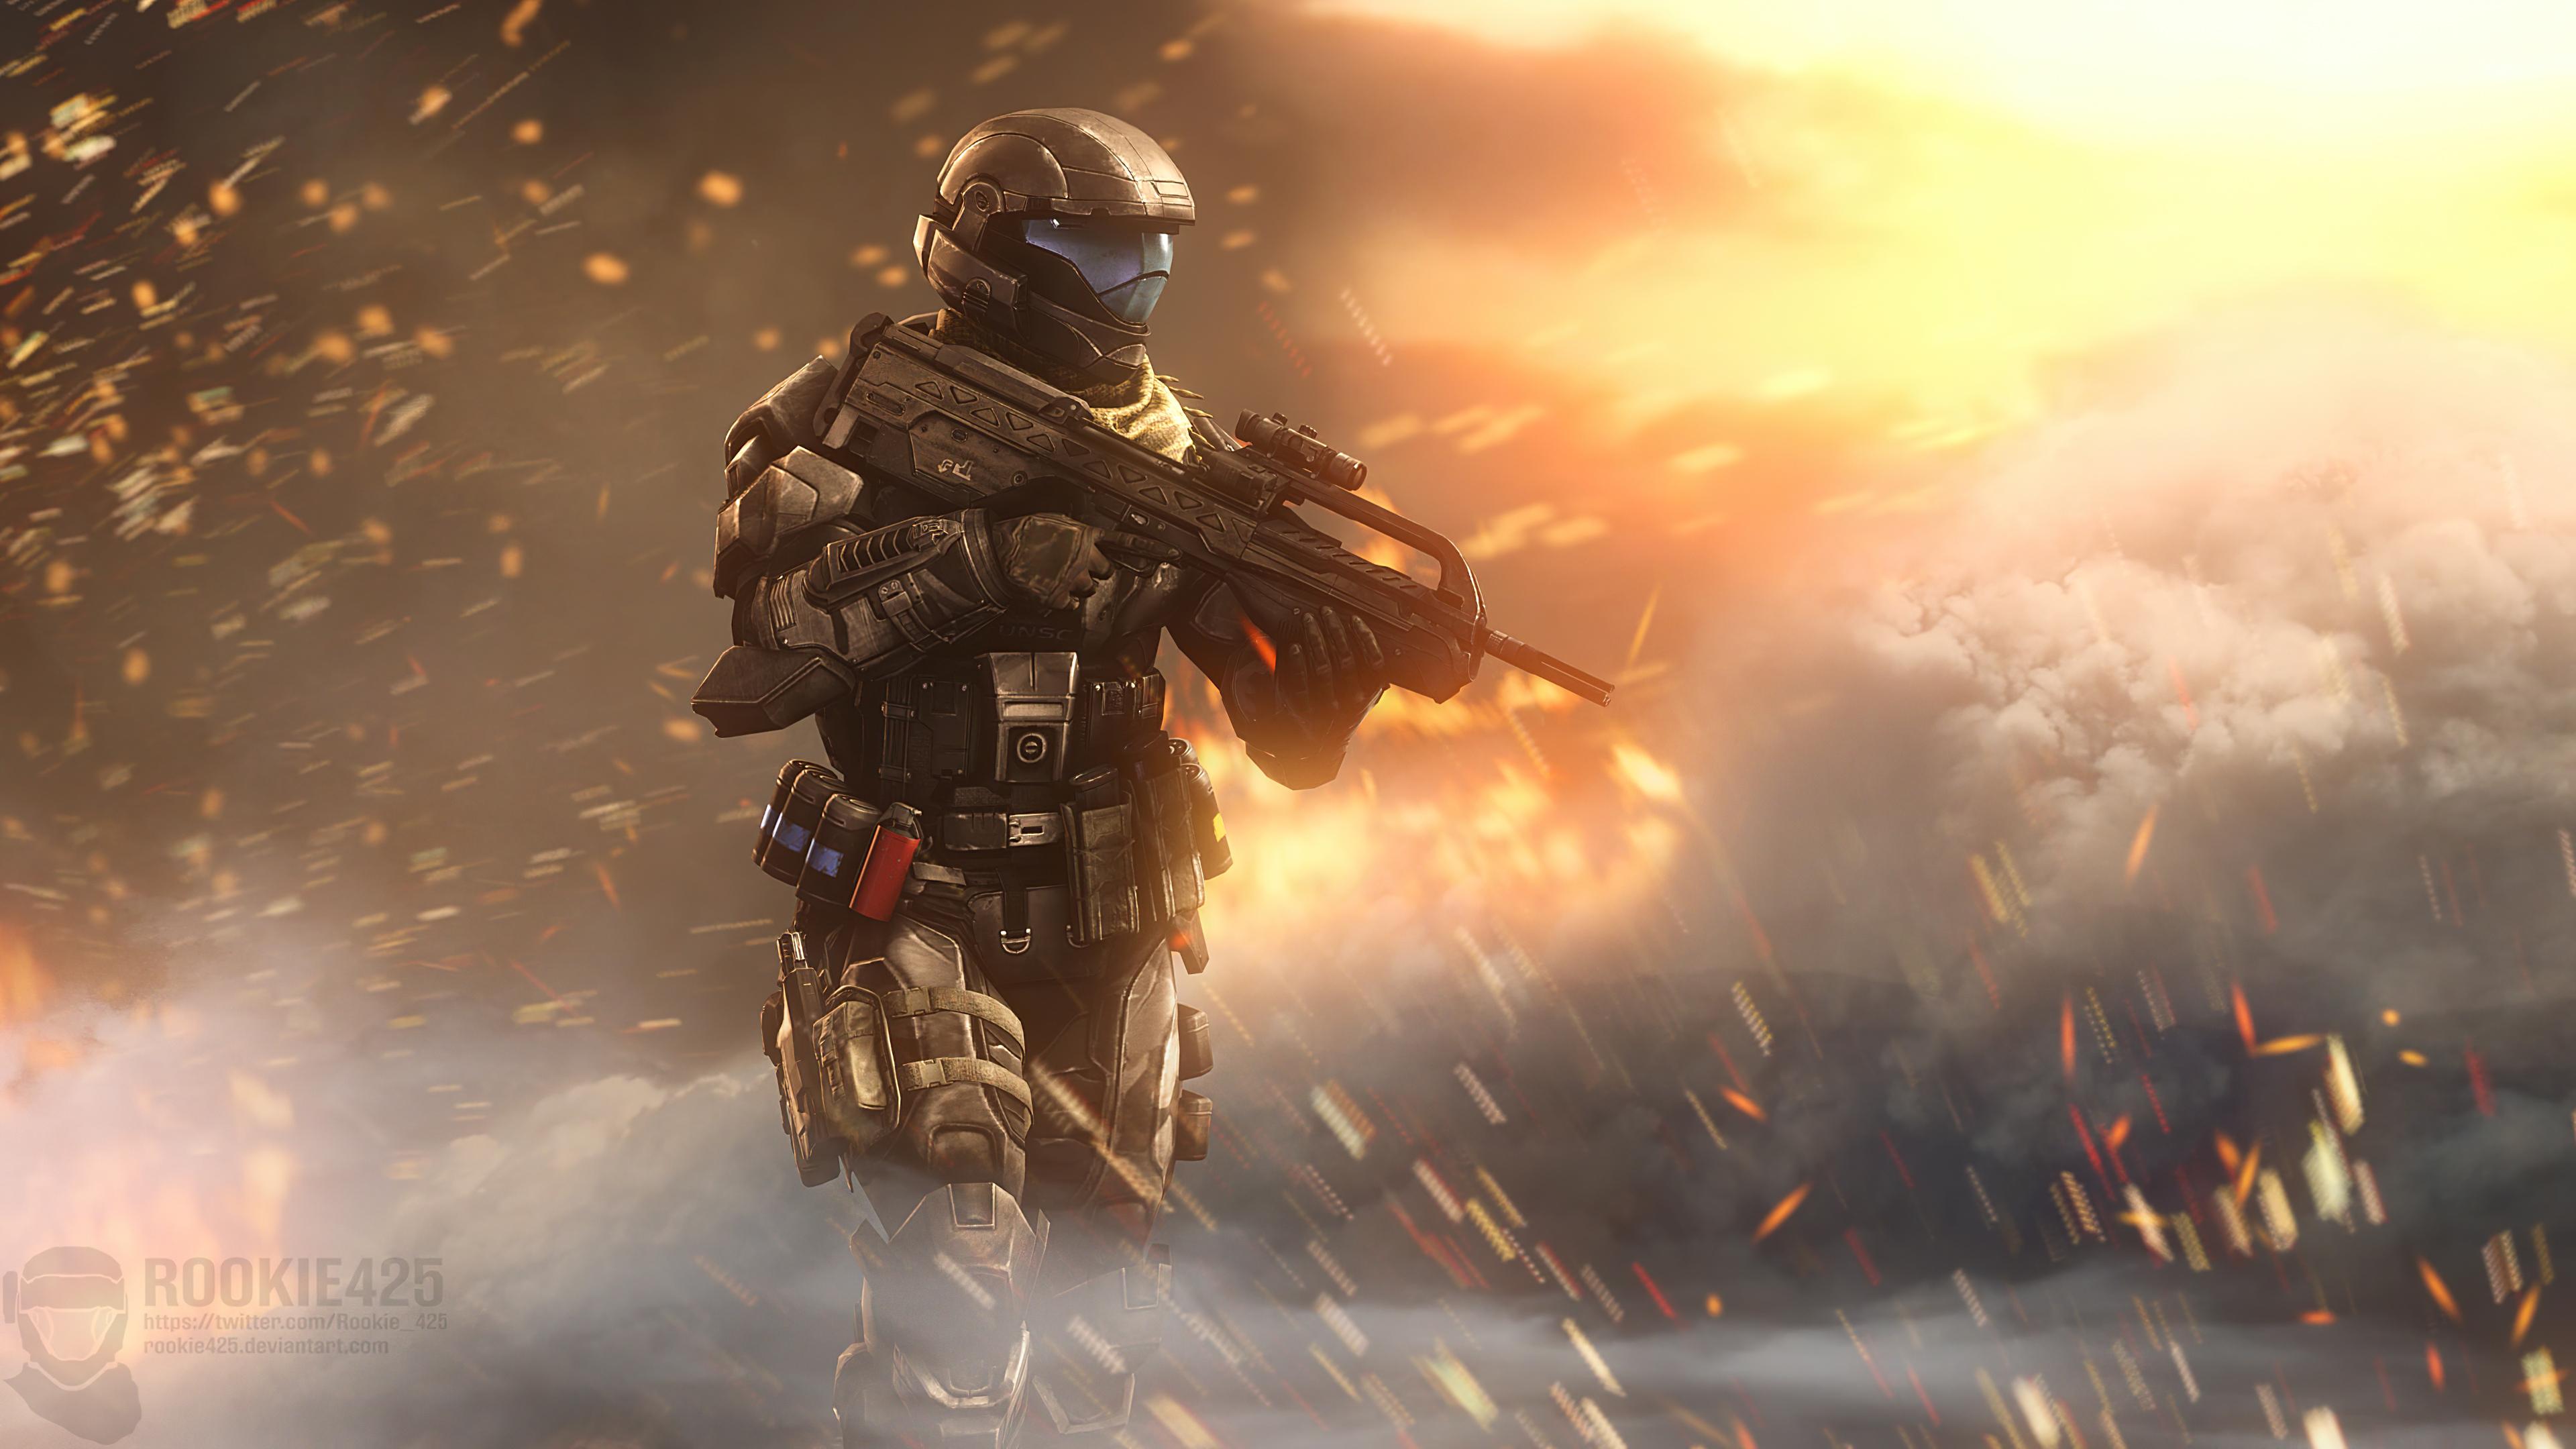 incendiary halo 4k 1618136612 - Incendiary Halo 4k - Incendiary Halo 4k wallpapers